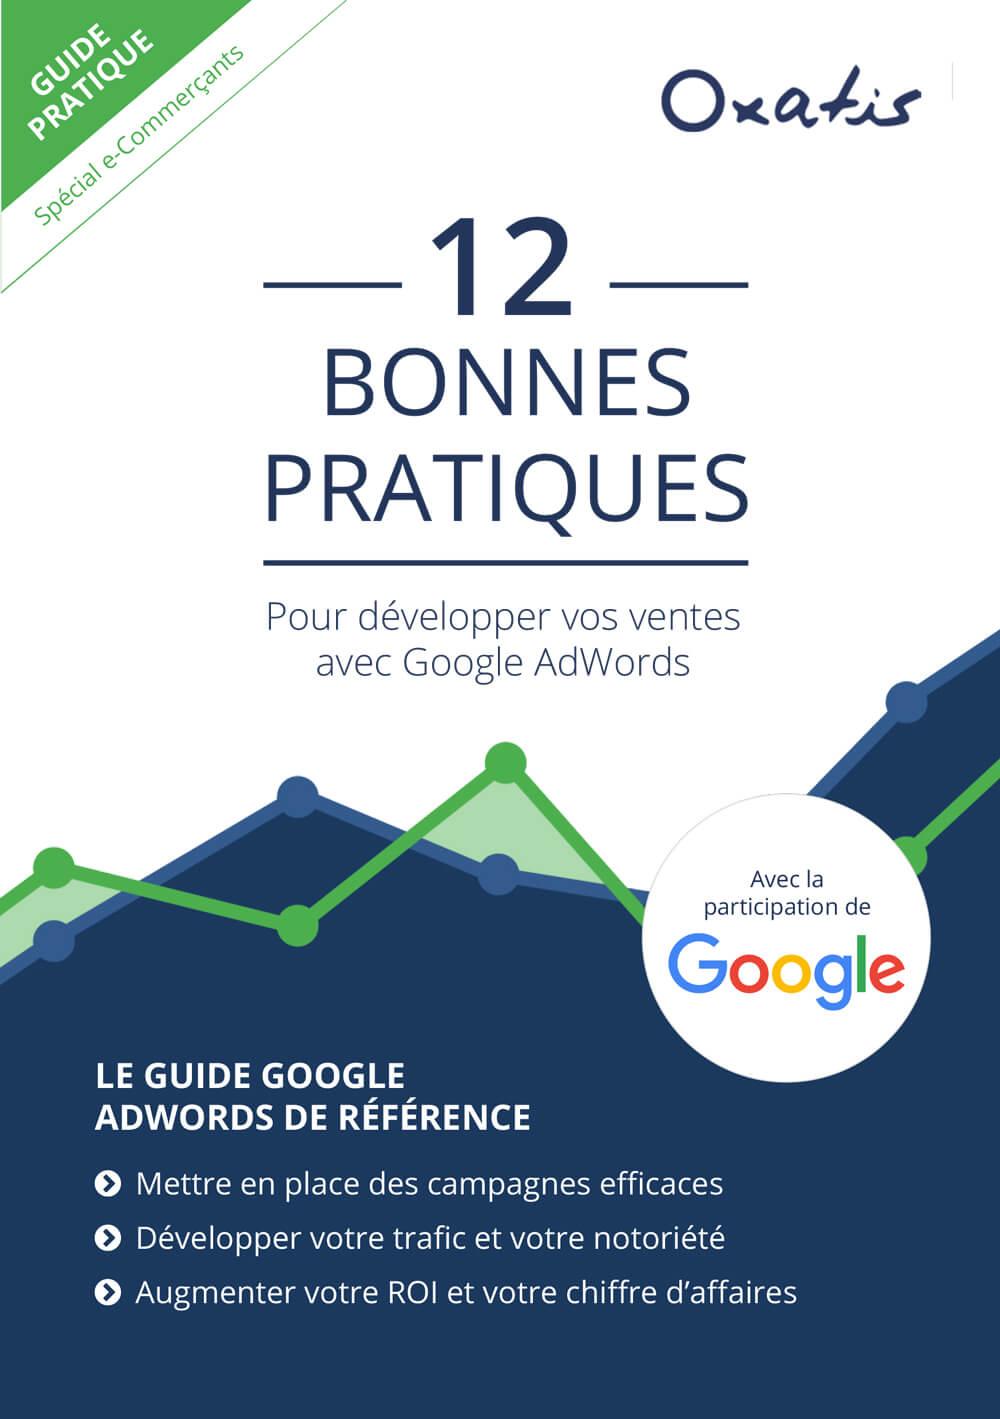 Développez vos ventes avec Google AdWords